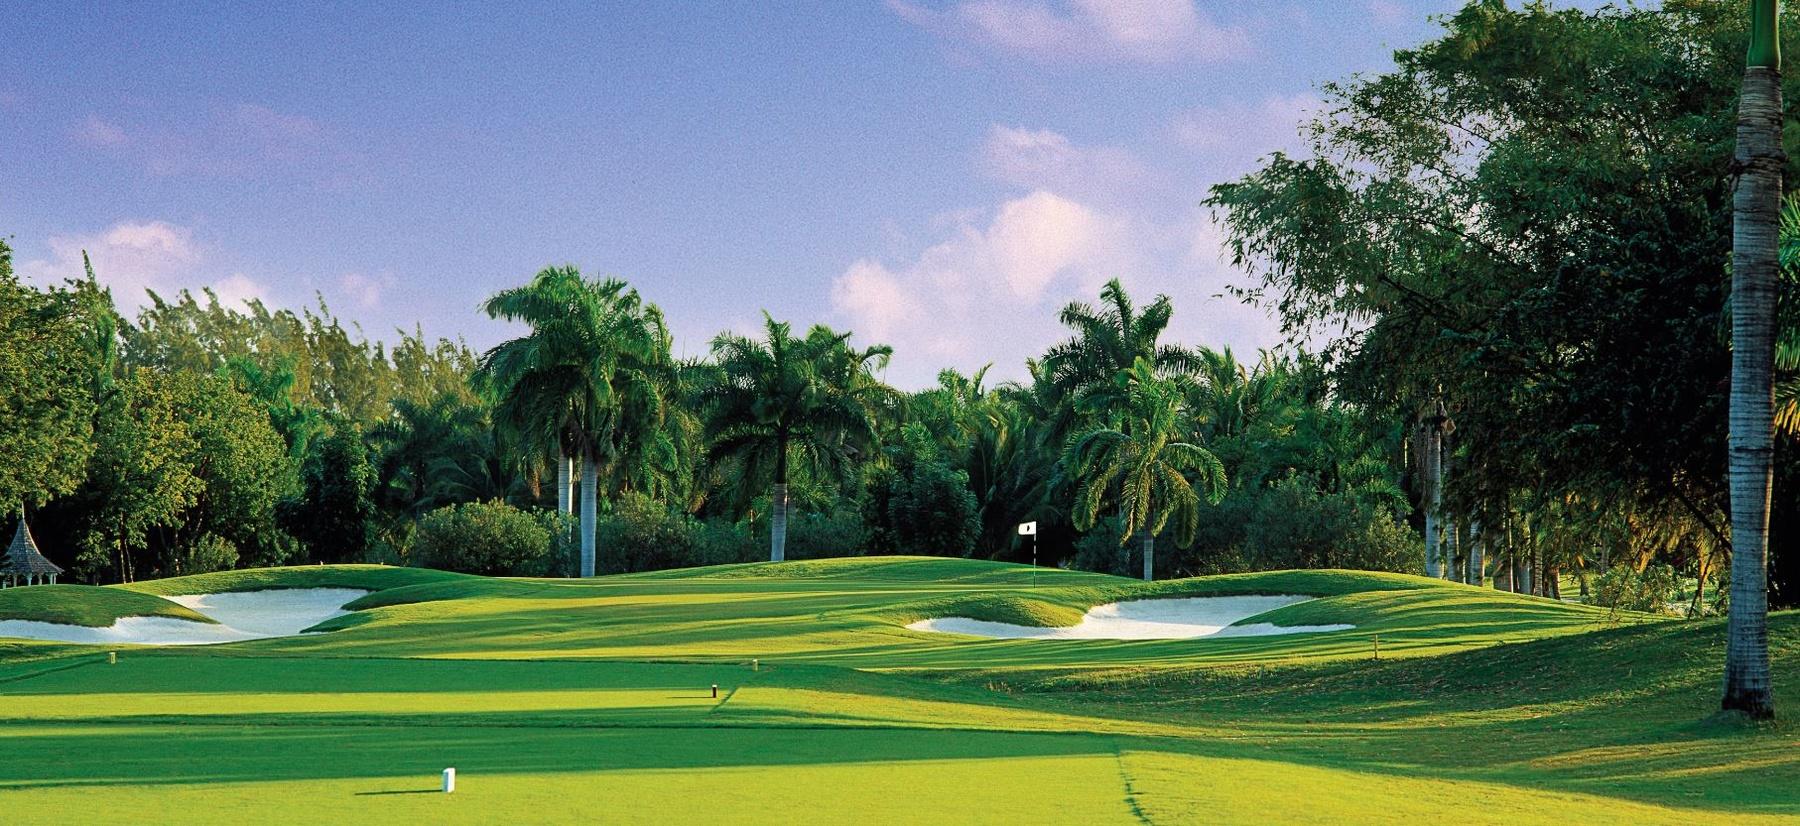 Half Moon Golf CourseCapture